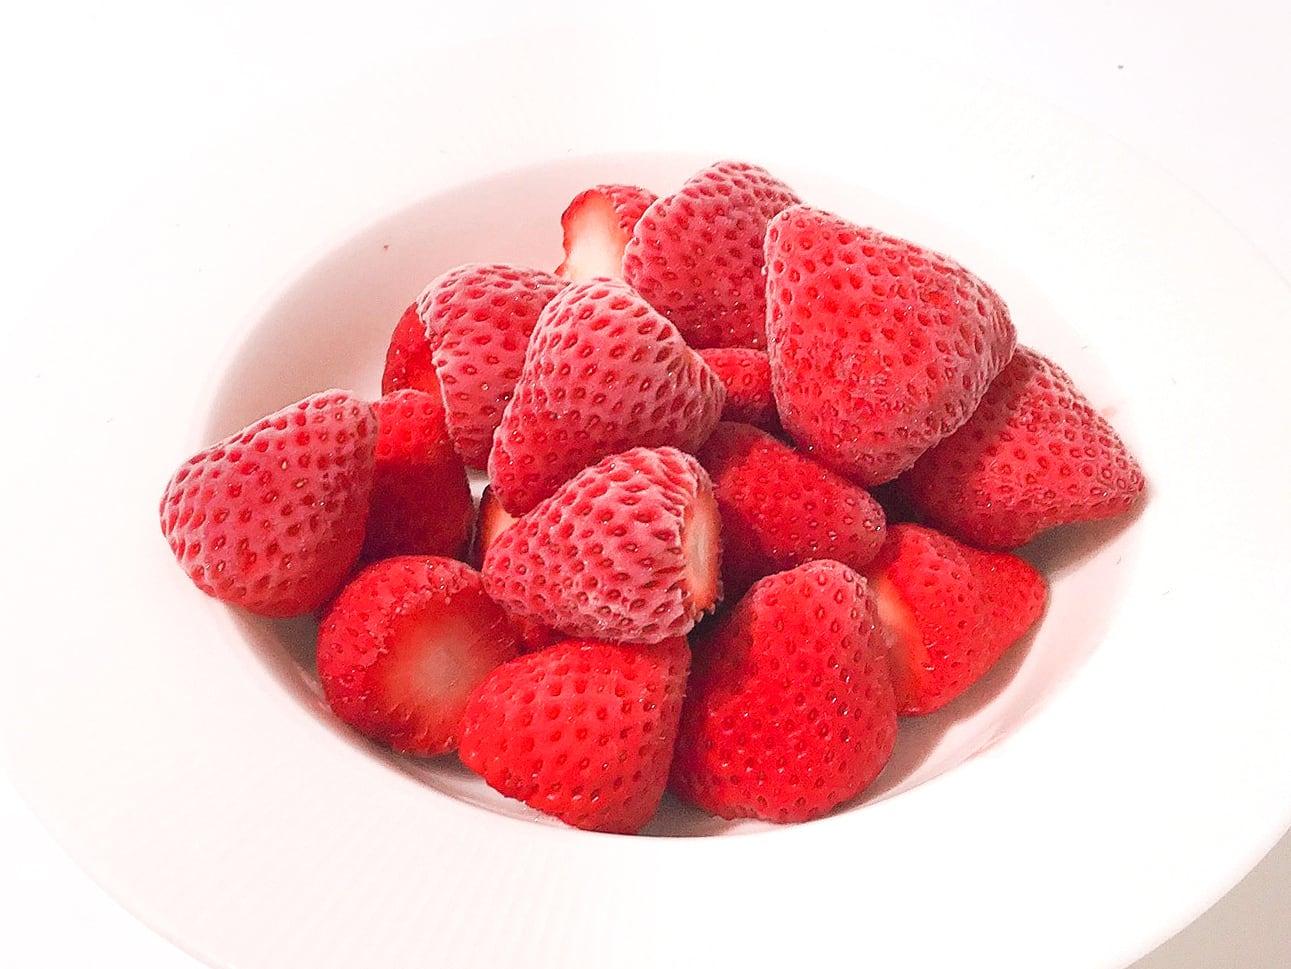 冷凍いちご(品種おまかせ)1.6kg(800gx2袋) お菓子、ジャム作りに最適!